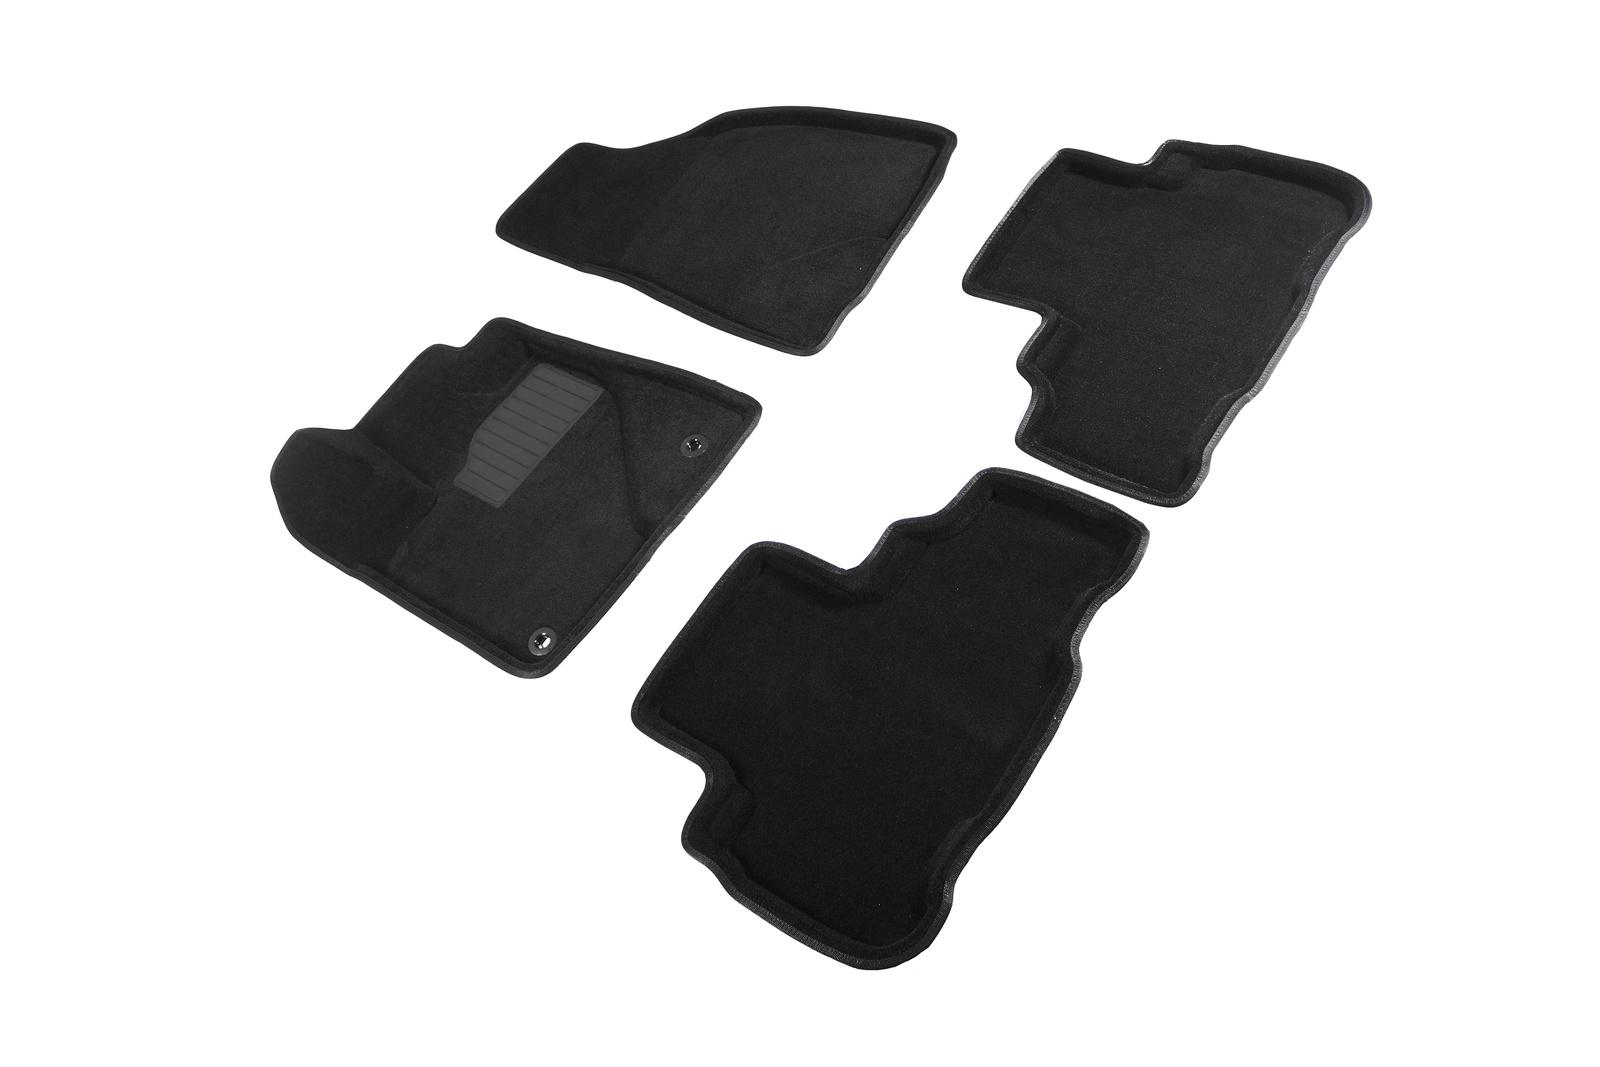 Коврики в салон автомобиля Seintex 3D коврики для Toyota Highlander III 2013-н.в. коврики салона rival для toyota rav4 2013 2015 2015 н в резина 65706001